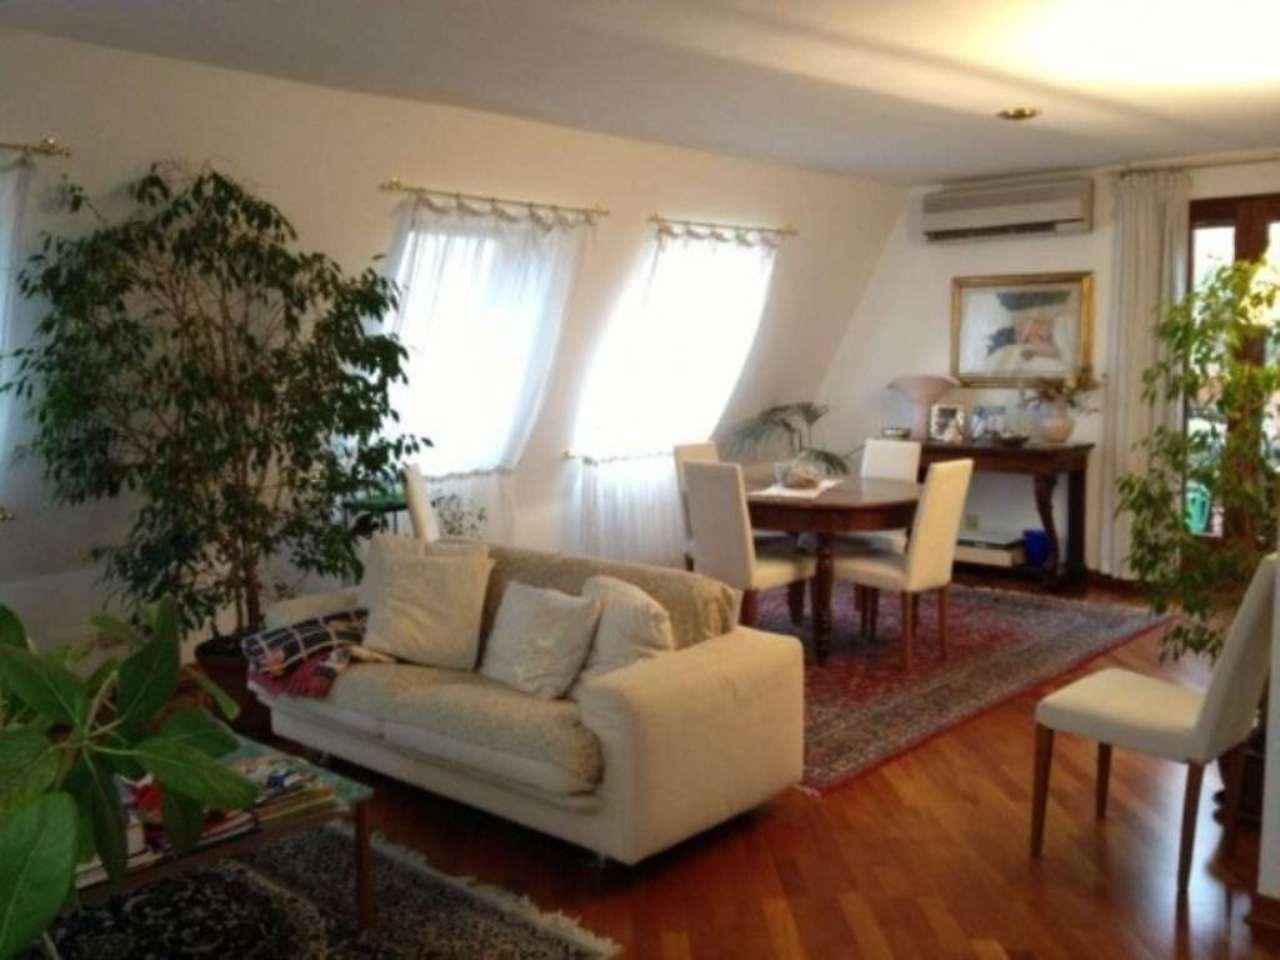 Attico / Mansarda in vendita a Venezia, 6 locali, zona Zona: 11 . Mestre, prezzo € 380.000 | Cambio Casa.it